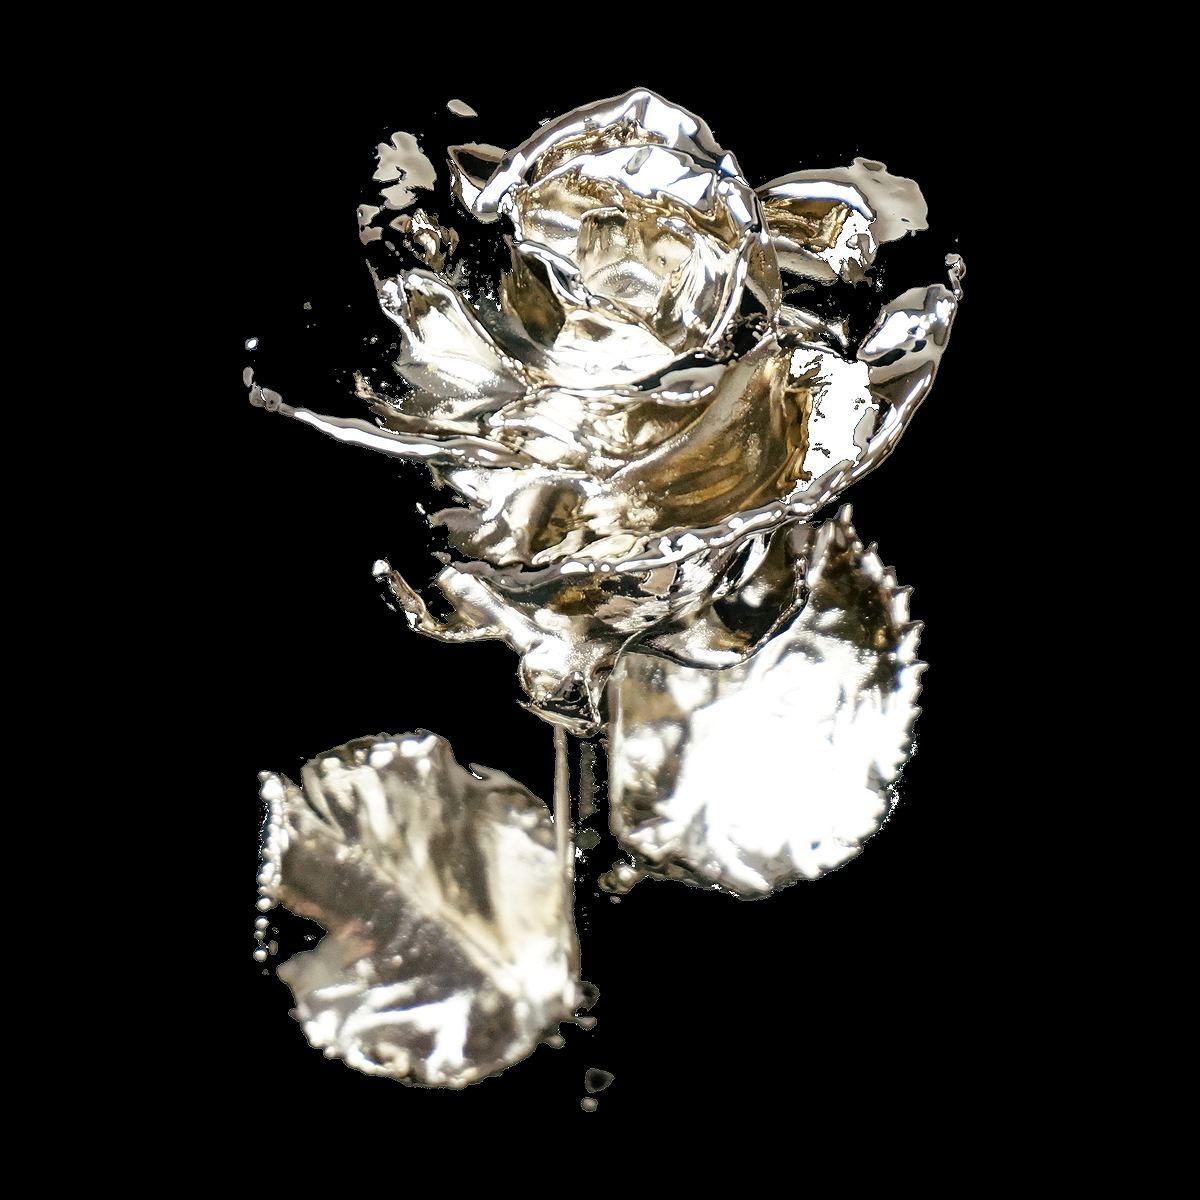 母の日ギフトに贈りたい特別なバラ「プラチナローズ」|Gold Presttige